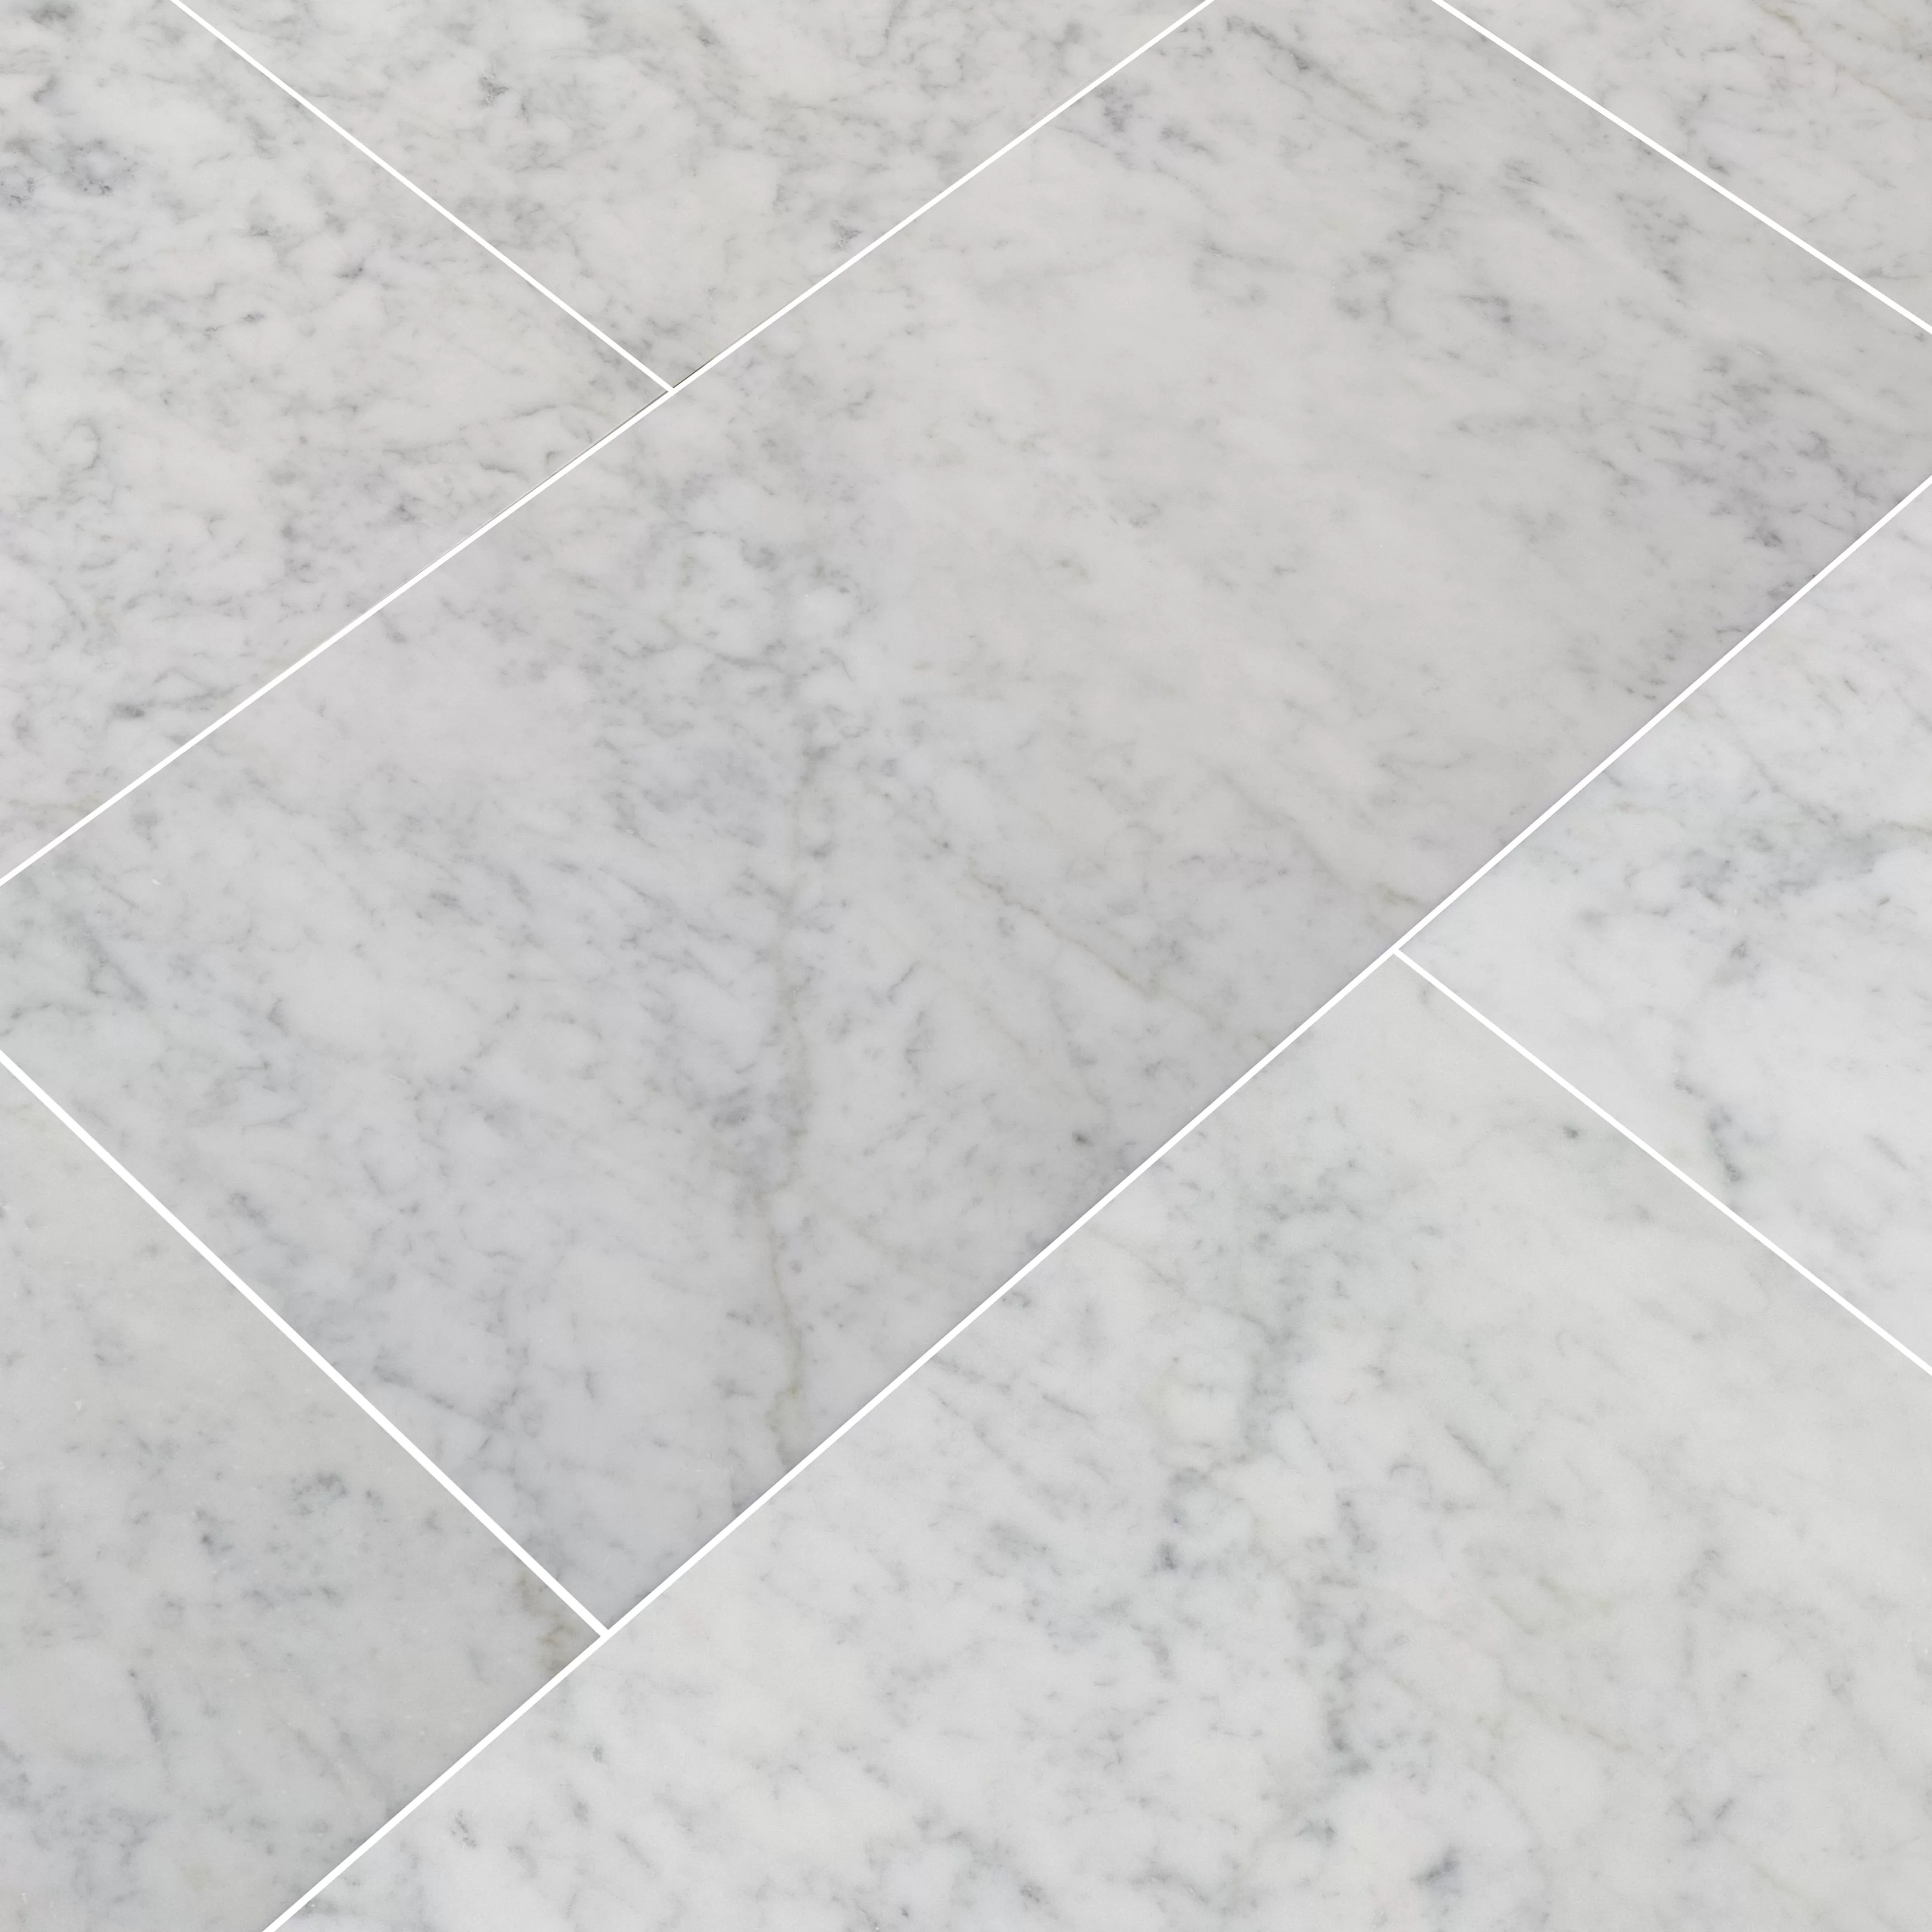 carrara 12 x 24 marble field tile